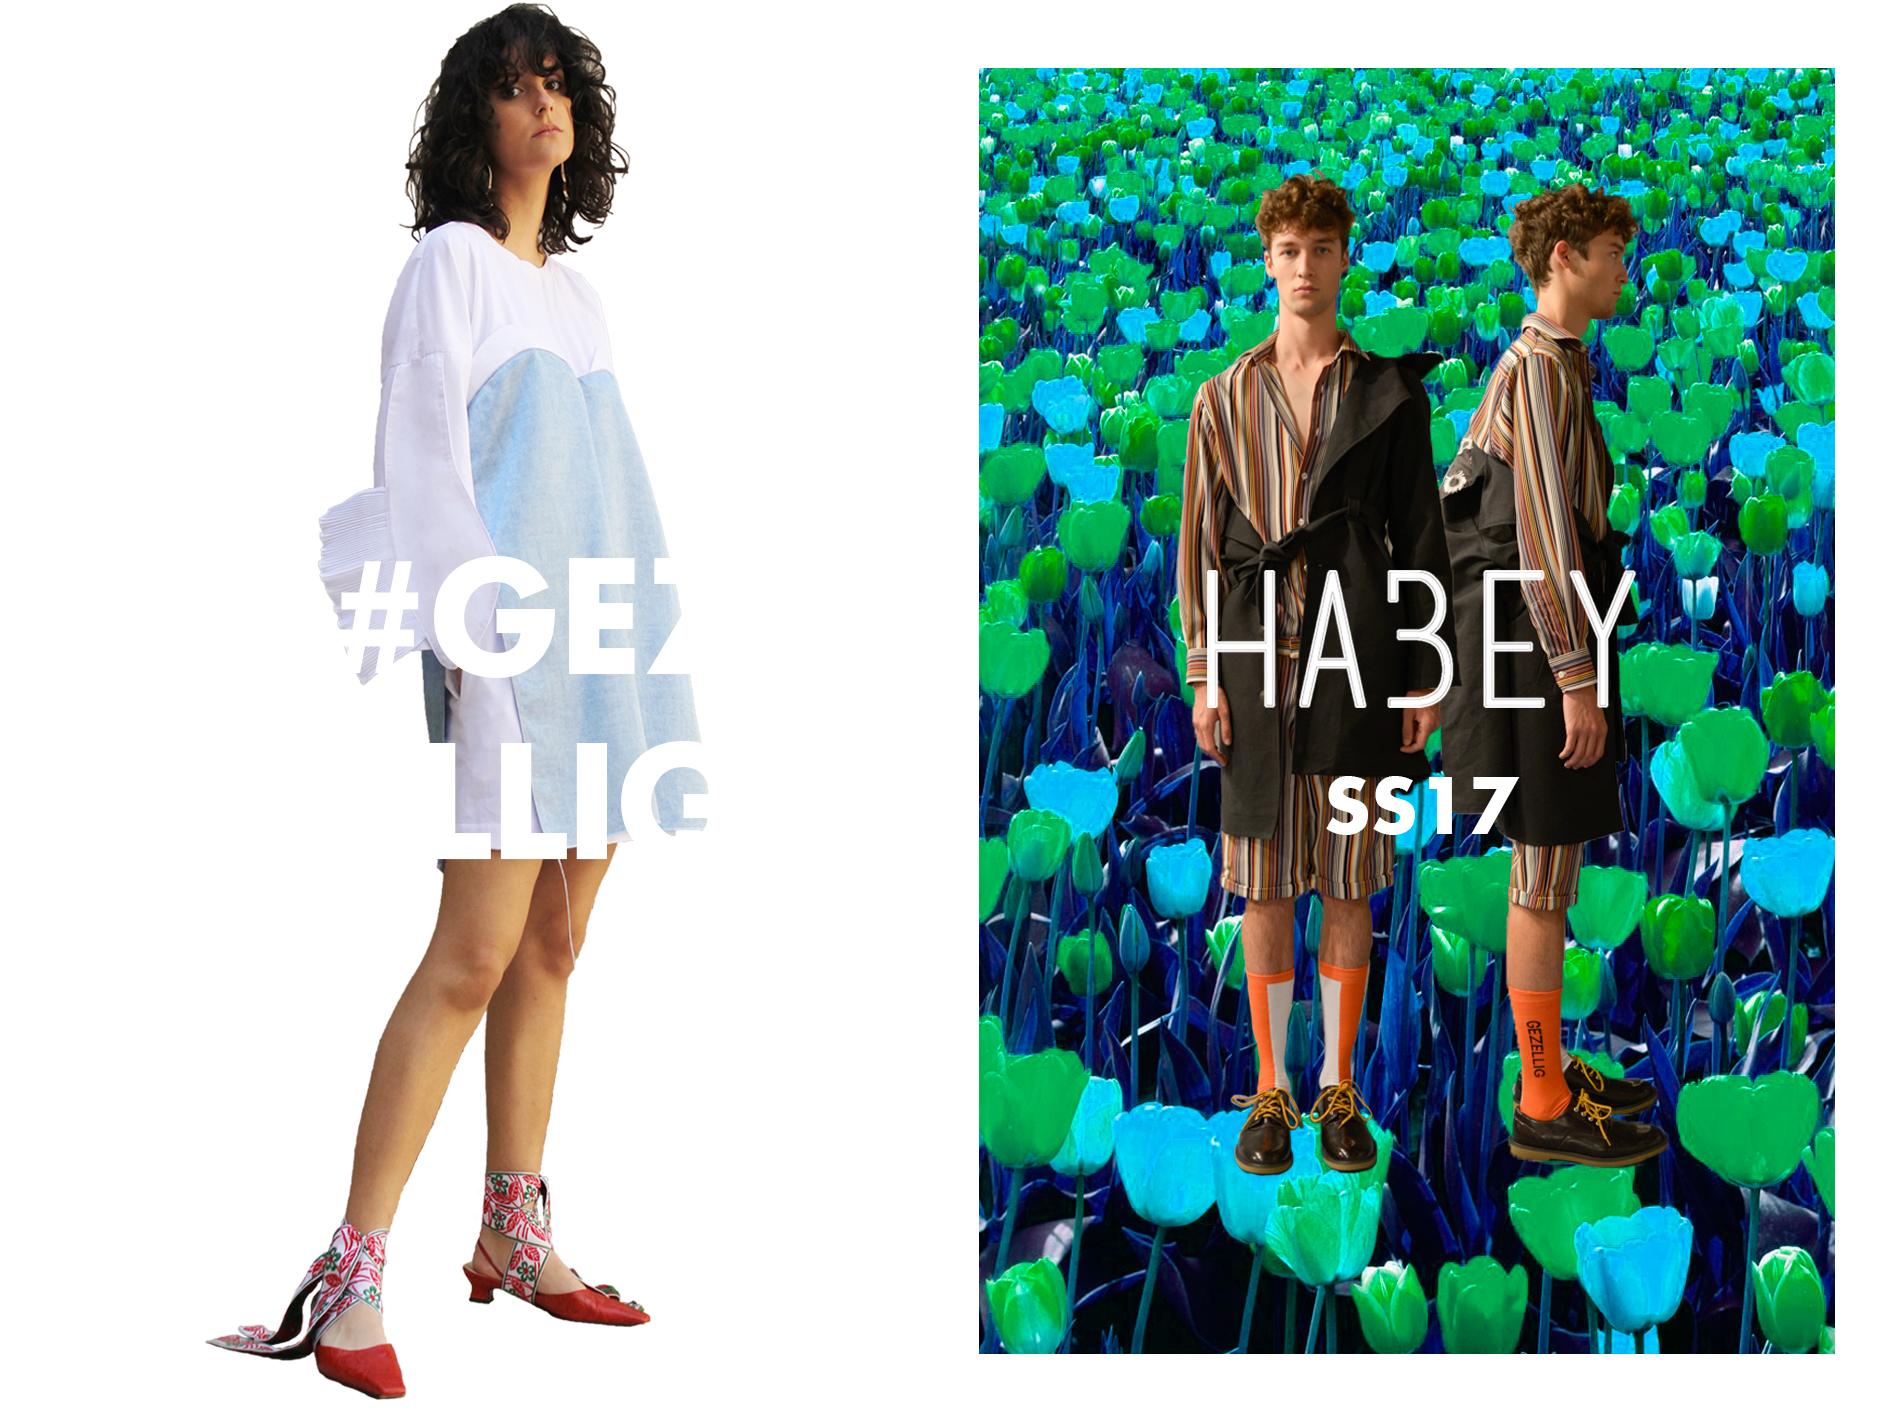 HABEY-GEZCAMPAIGN1.jpg